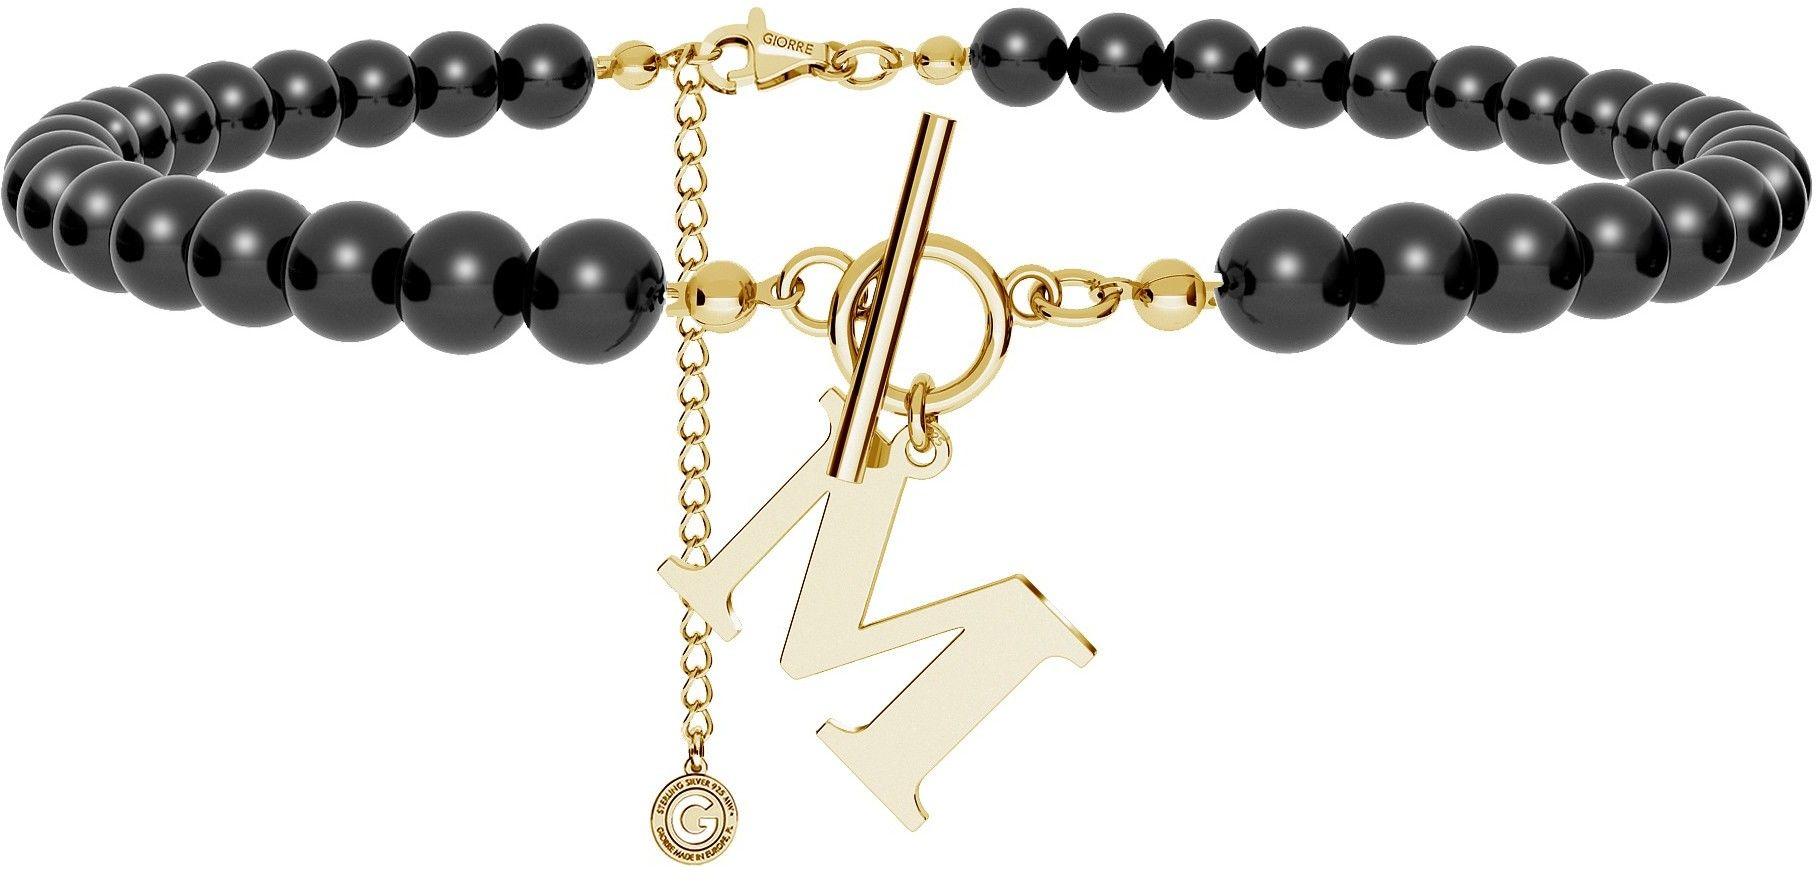 Czarny perłowy choker z dowolną literą, Swarovski, srebro 925 : Litera - Z, Srebro - kolor pokrycia - Pokrycie żółtym 18K złotem